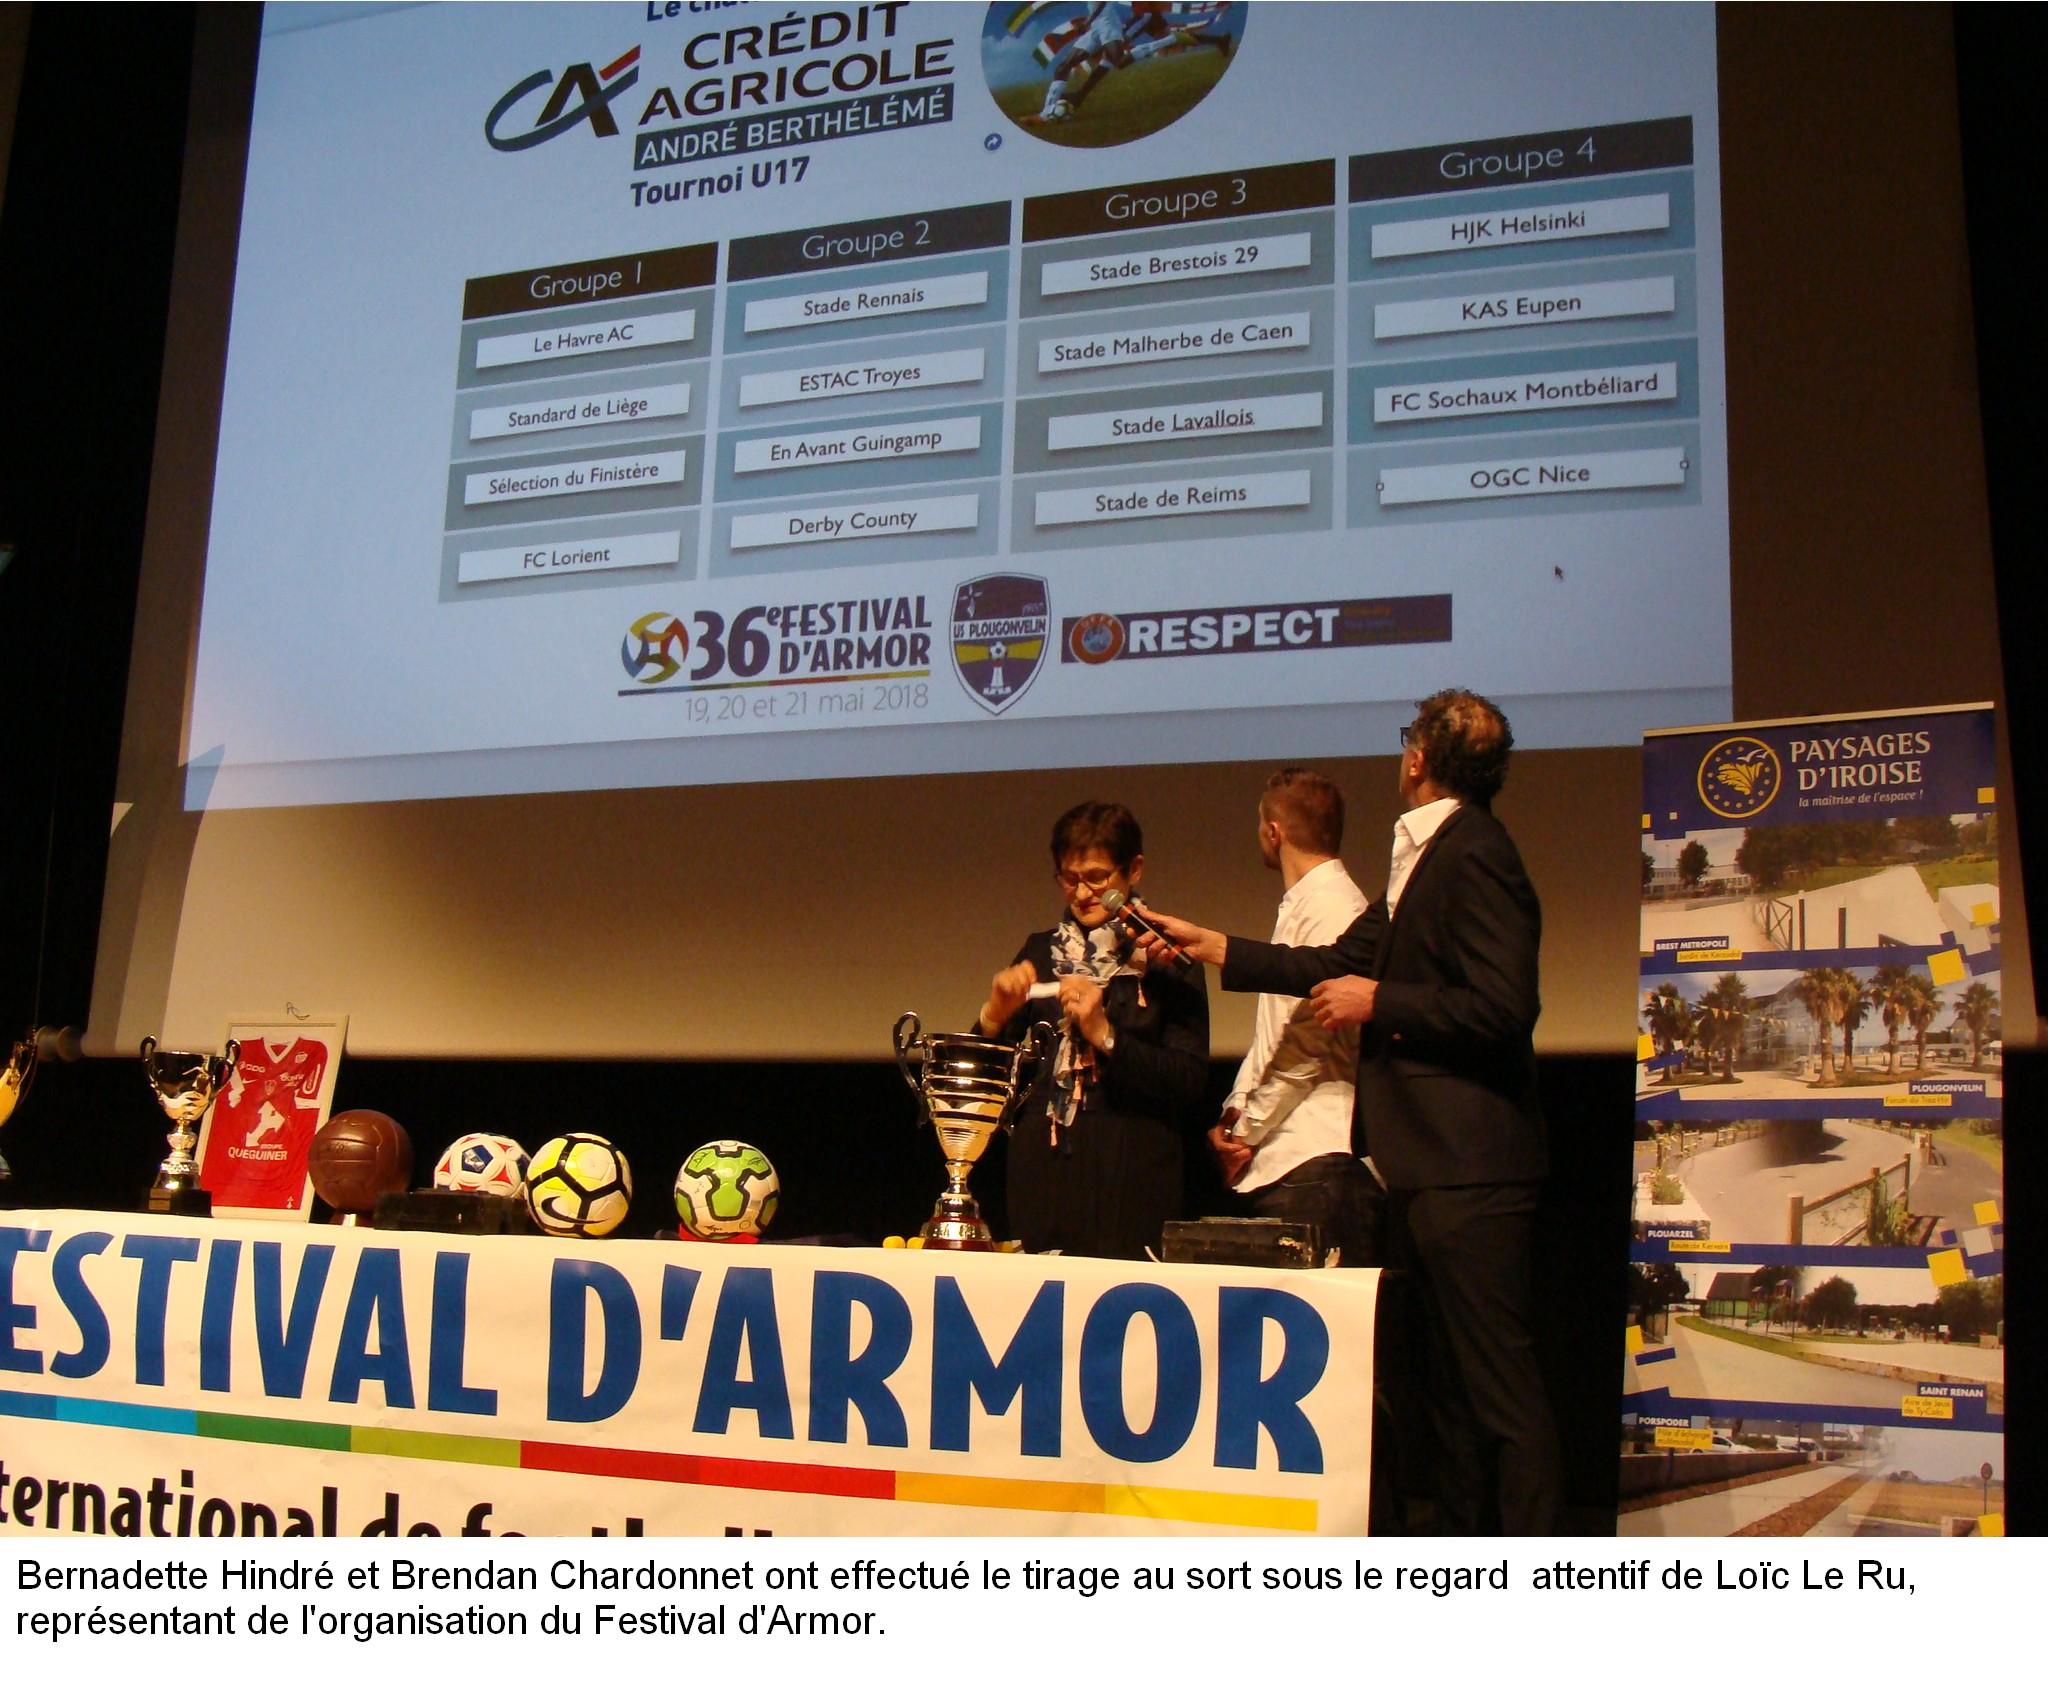 36è édition du Festival d'Armor : Des poules indécises 1